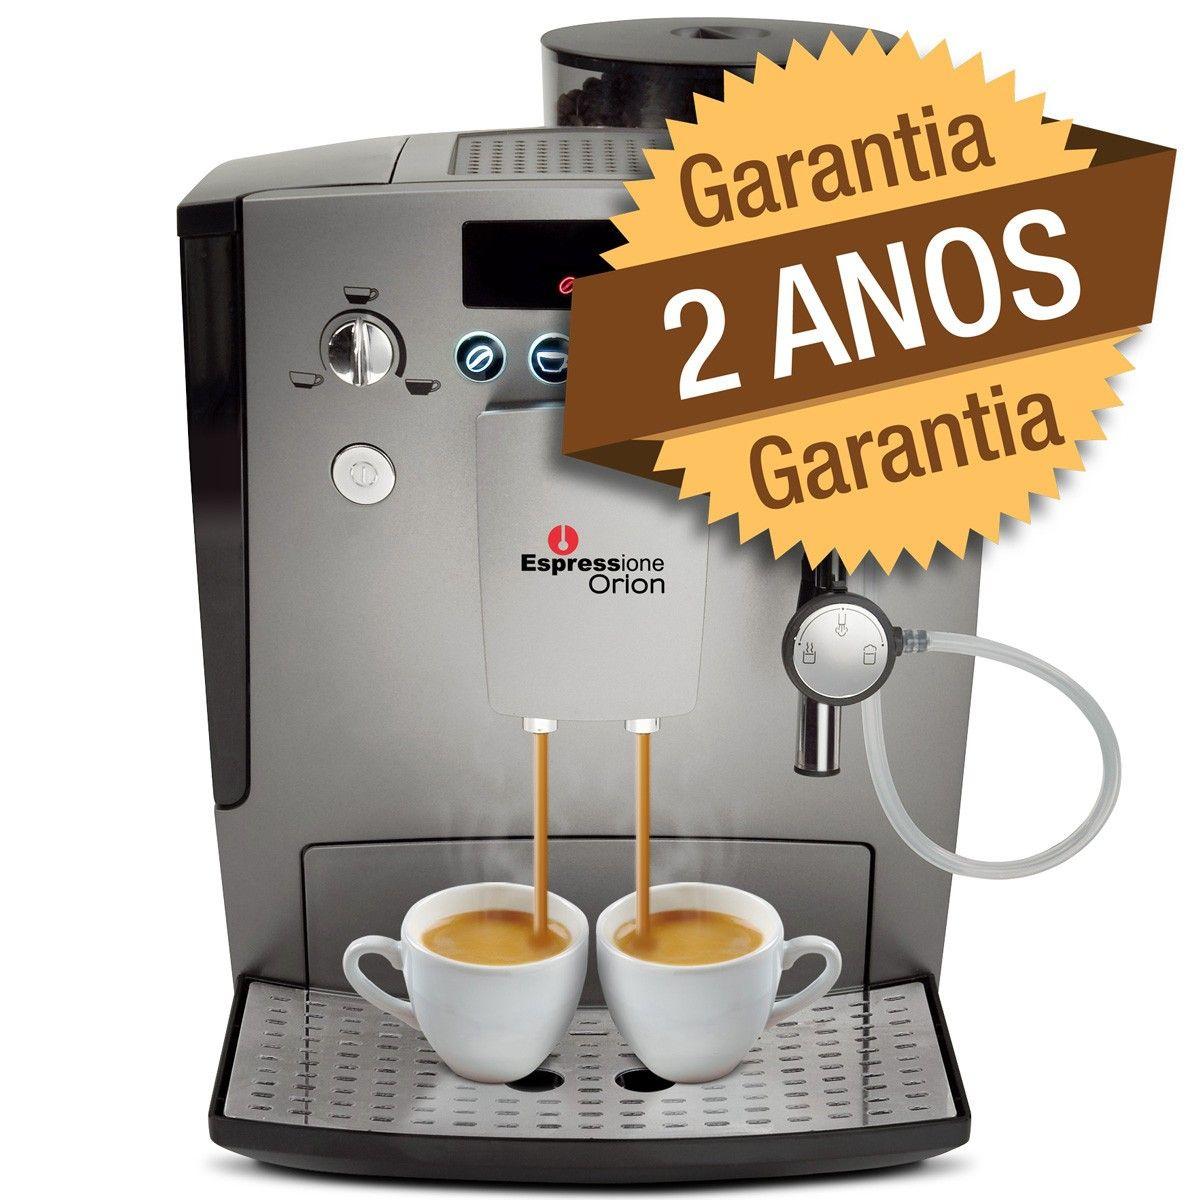 Cafeteira Expresso Automática Orion Espressione 620T 220v